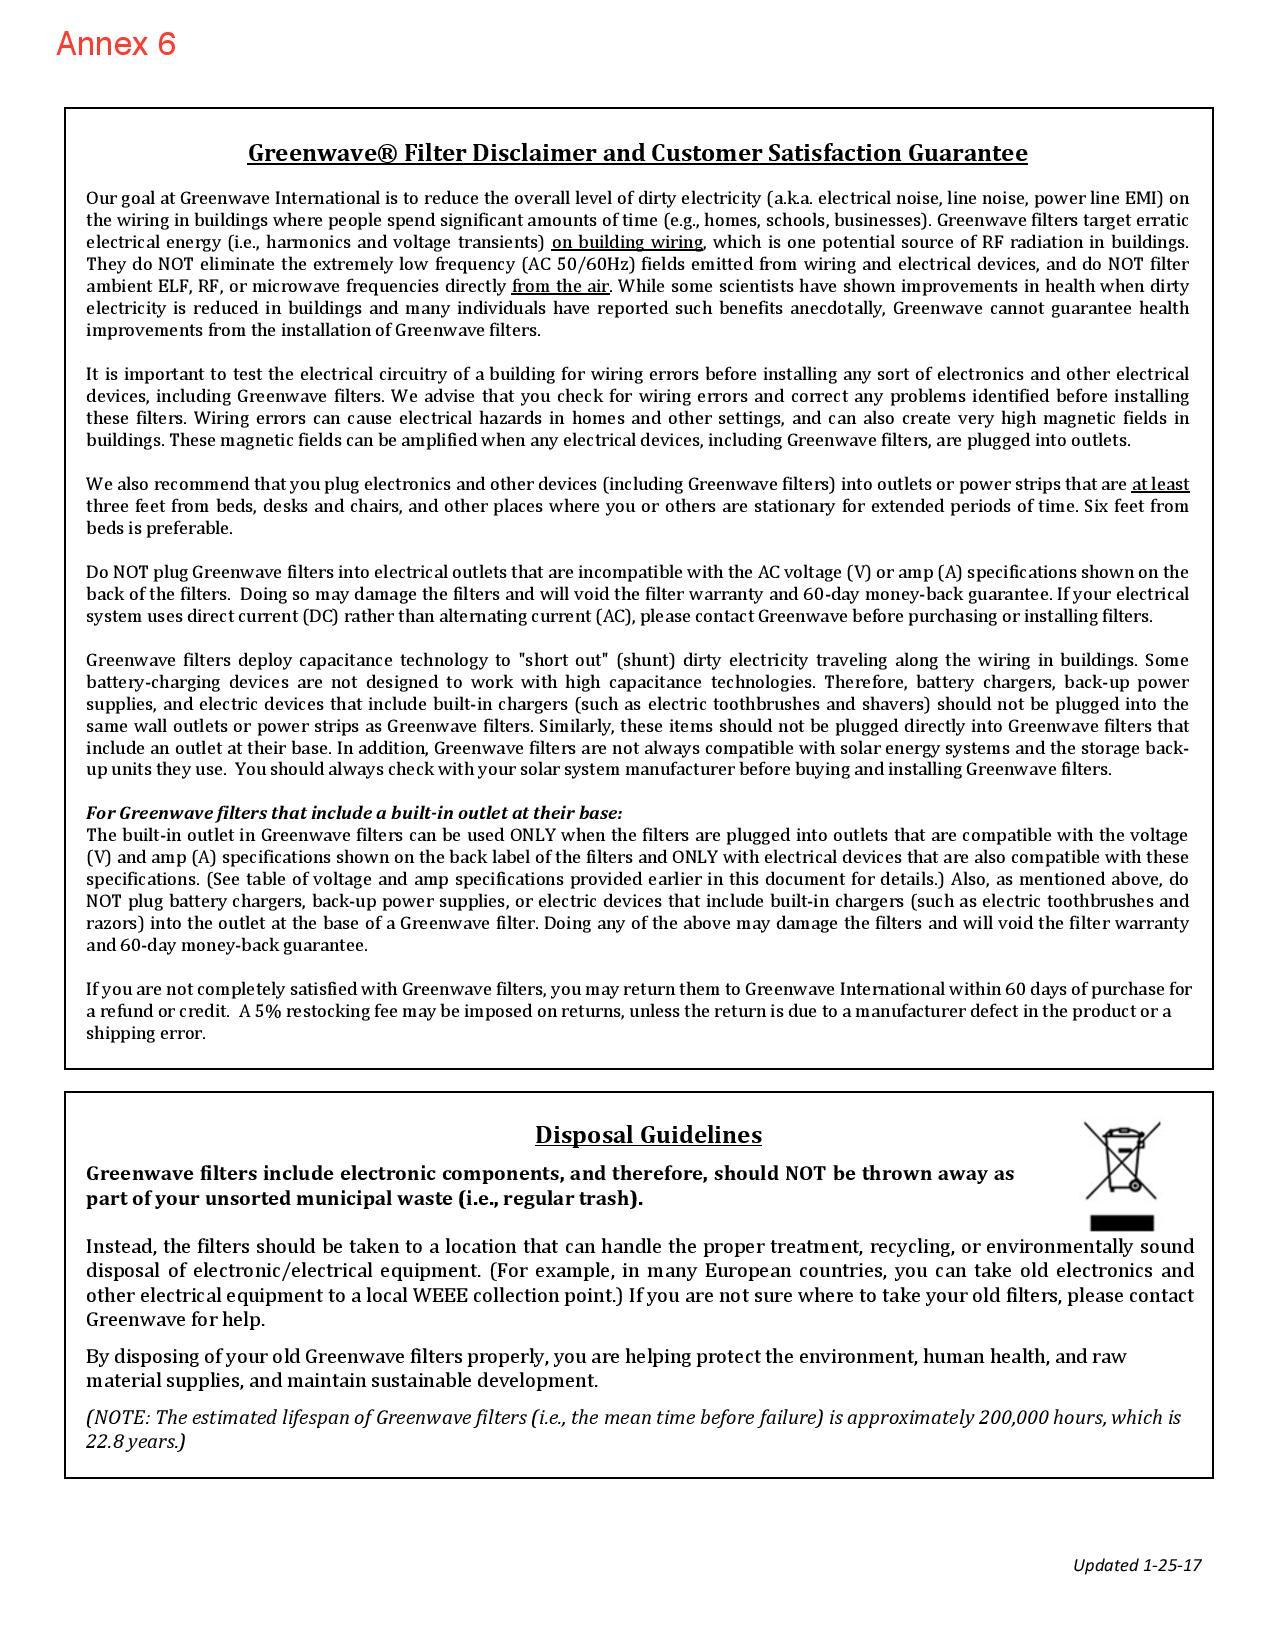 Annex 6 Greenwave-Filter copie-page-006.jpg